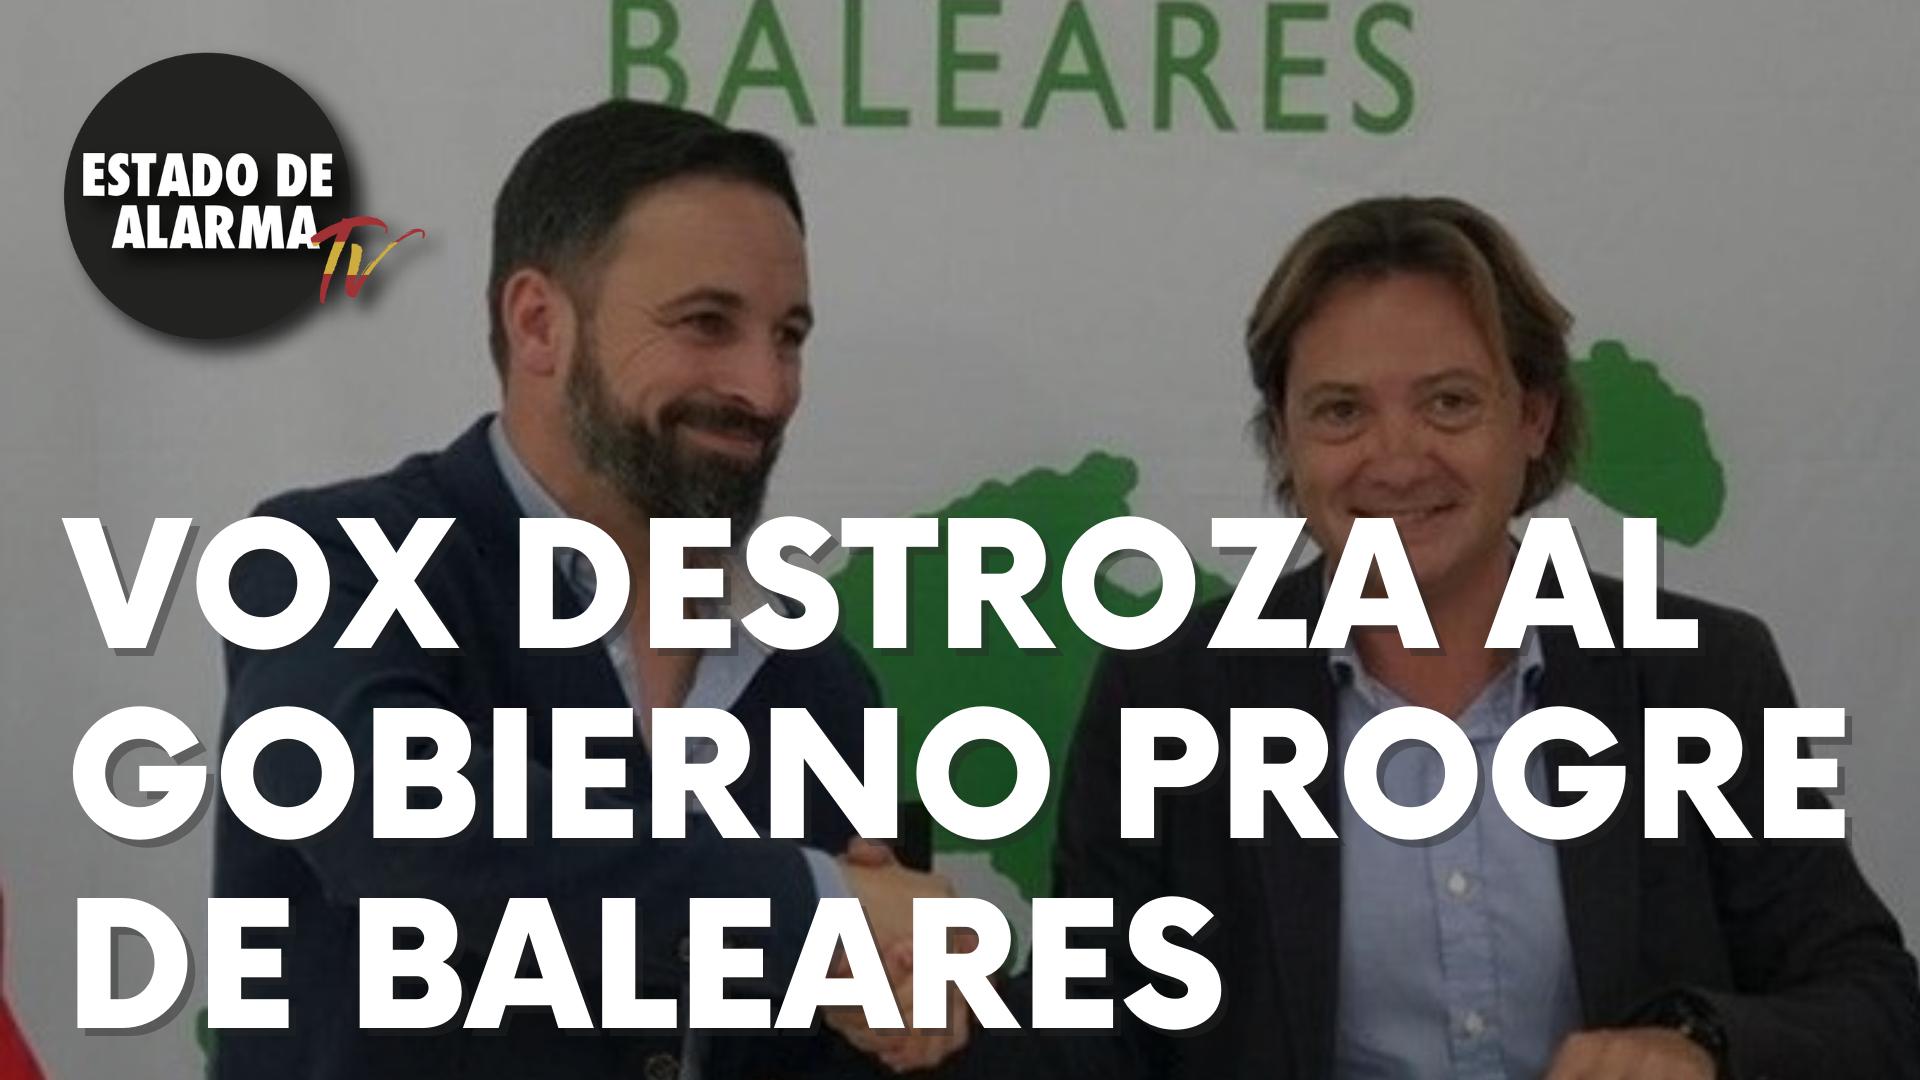 Vox destroza al Gobierno 'progre' de Baleares a cuenta del lobbies climático